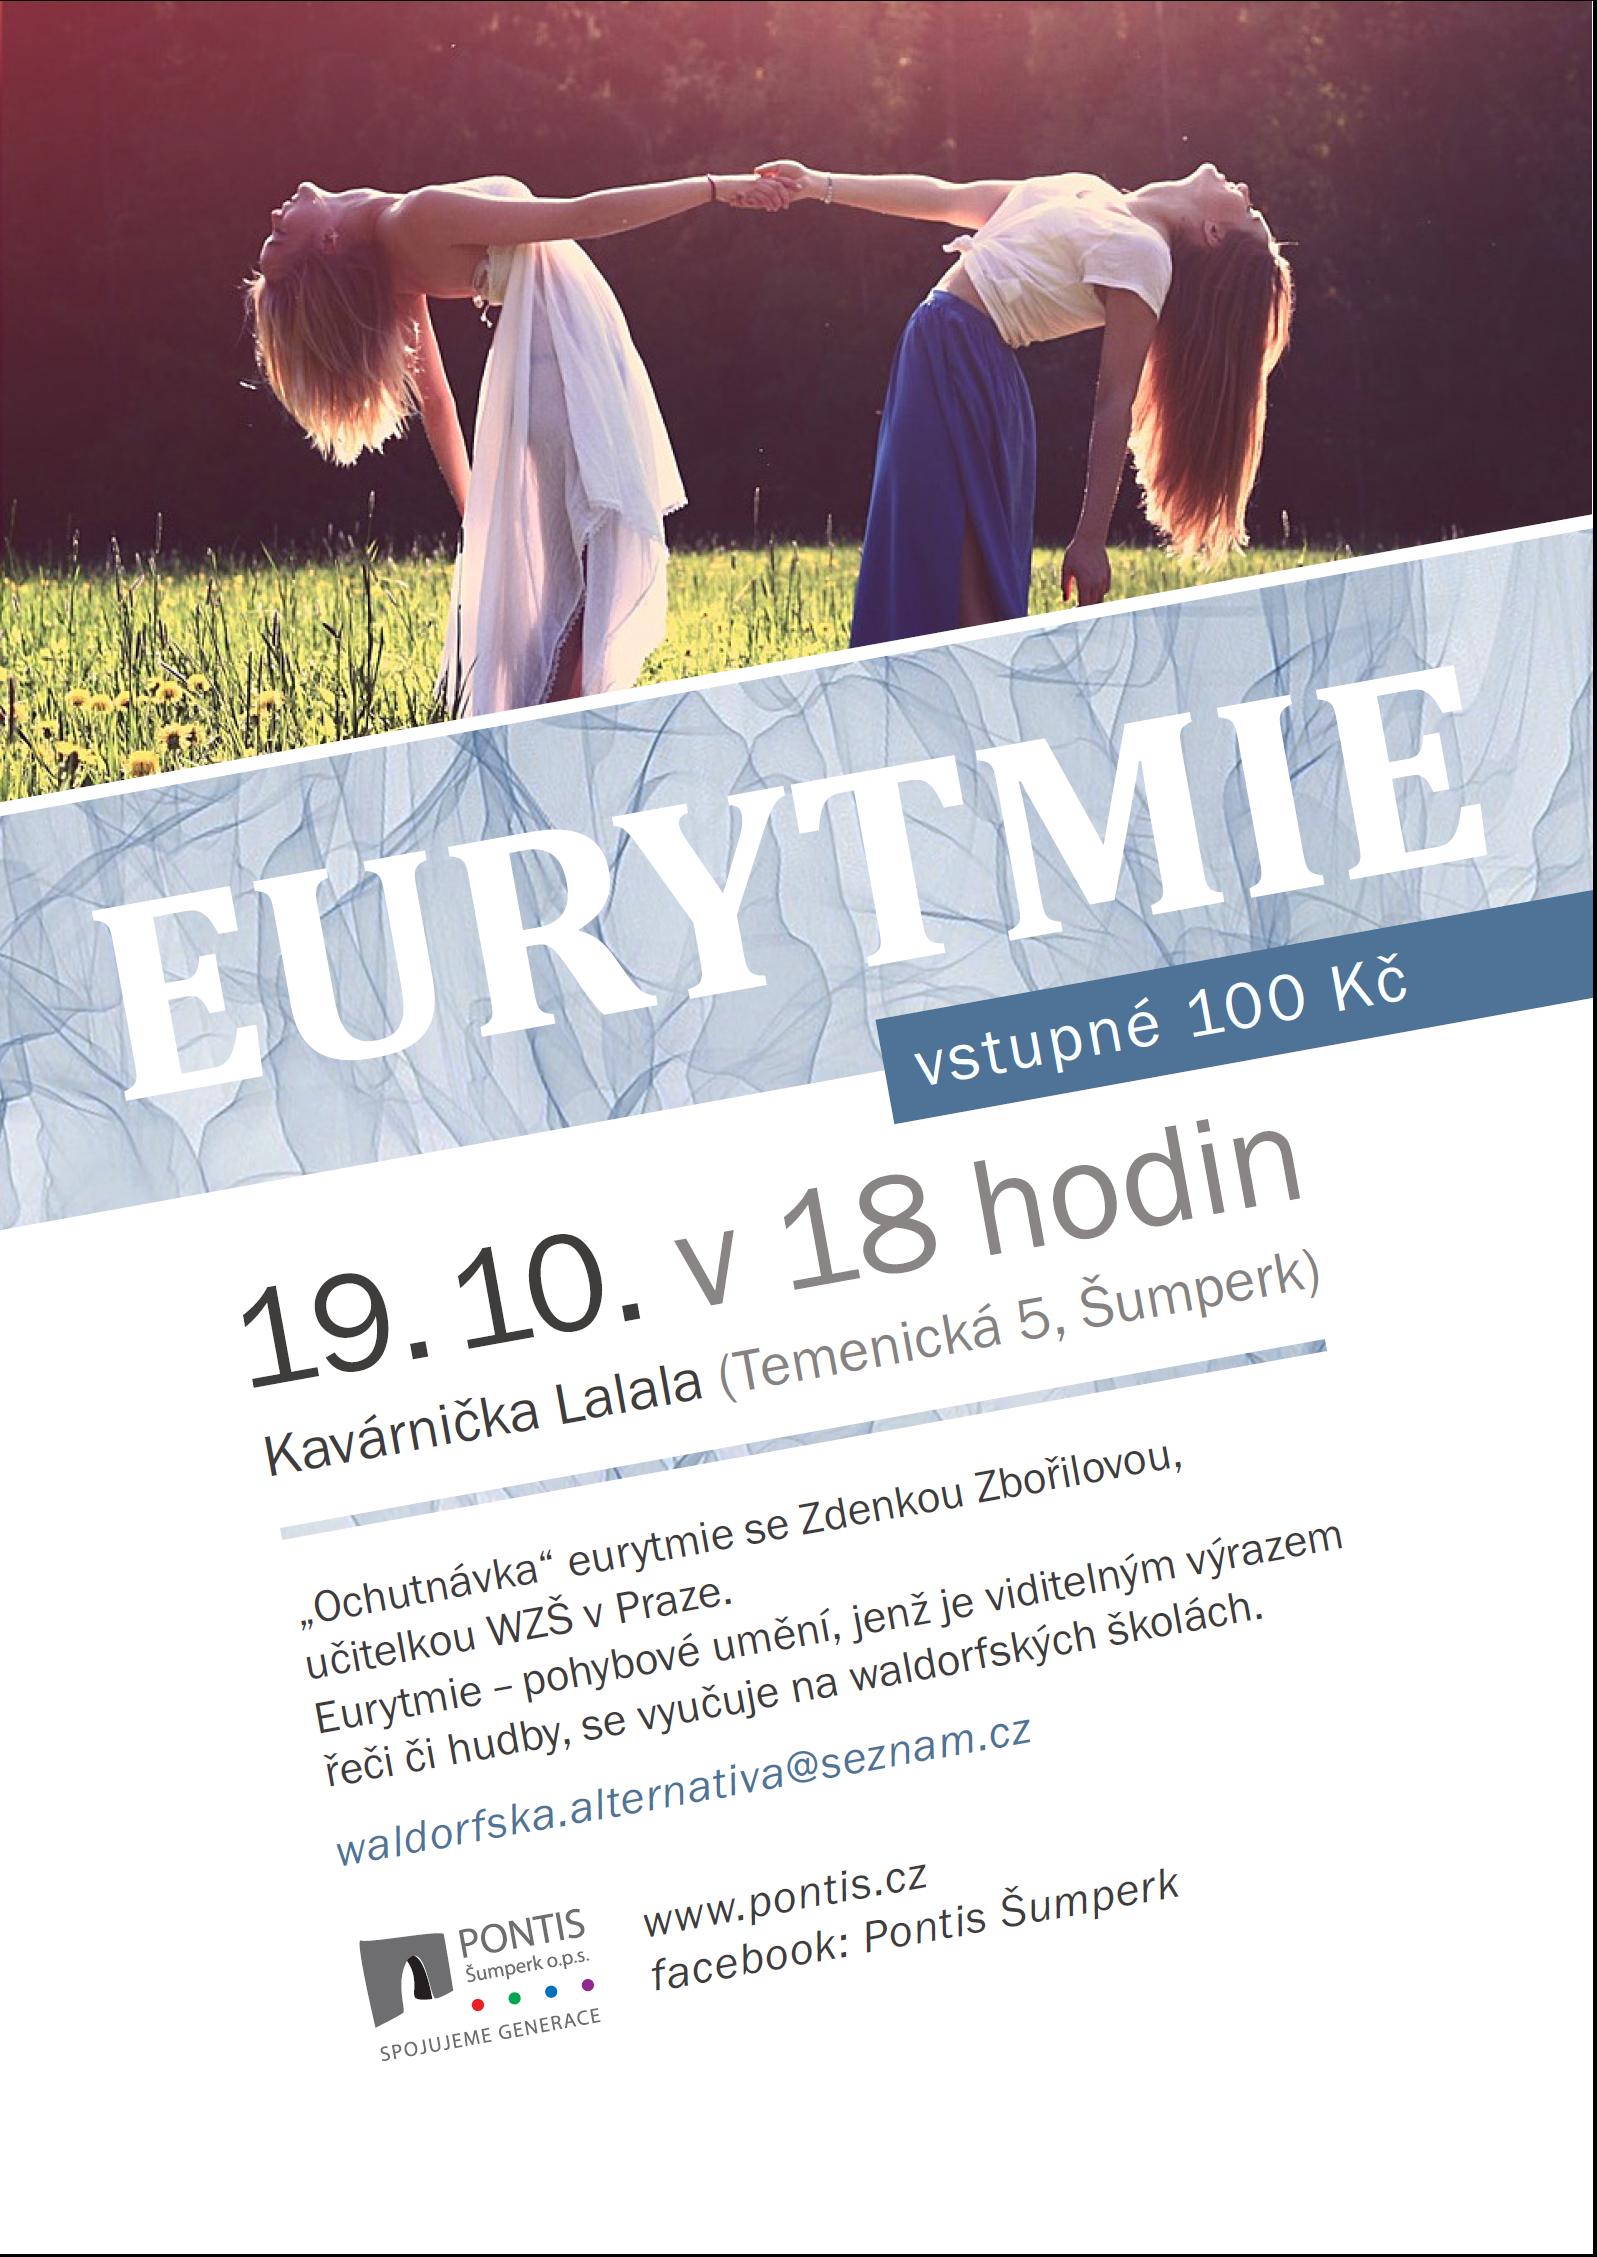 Eurytmie